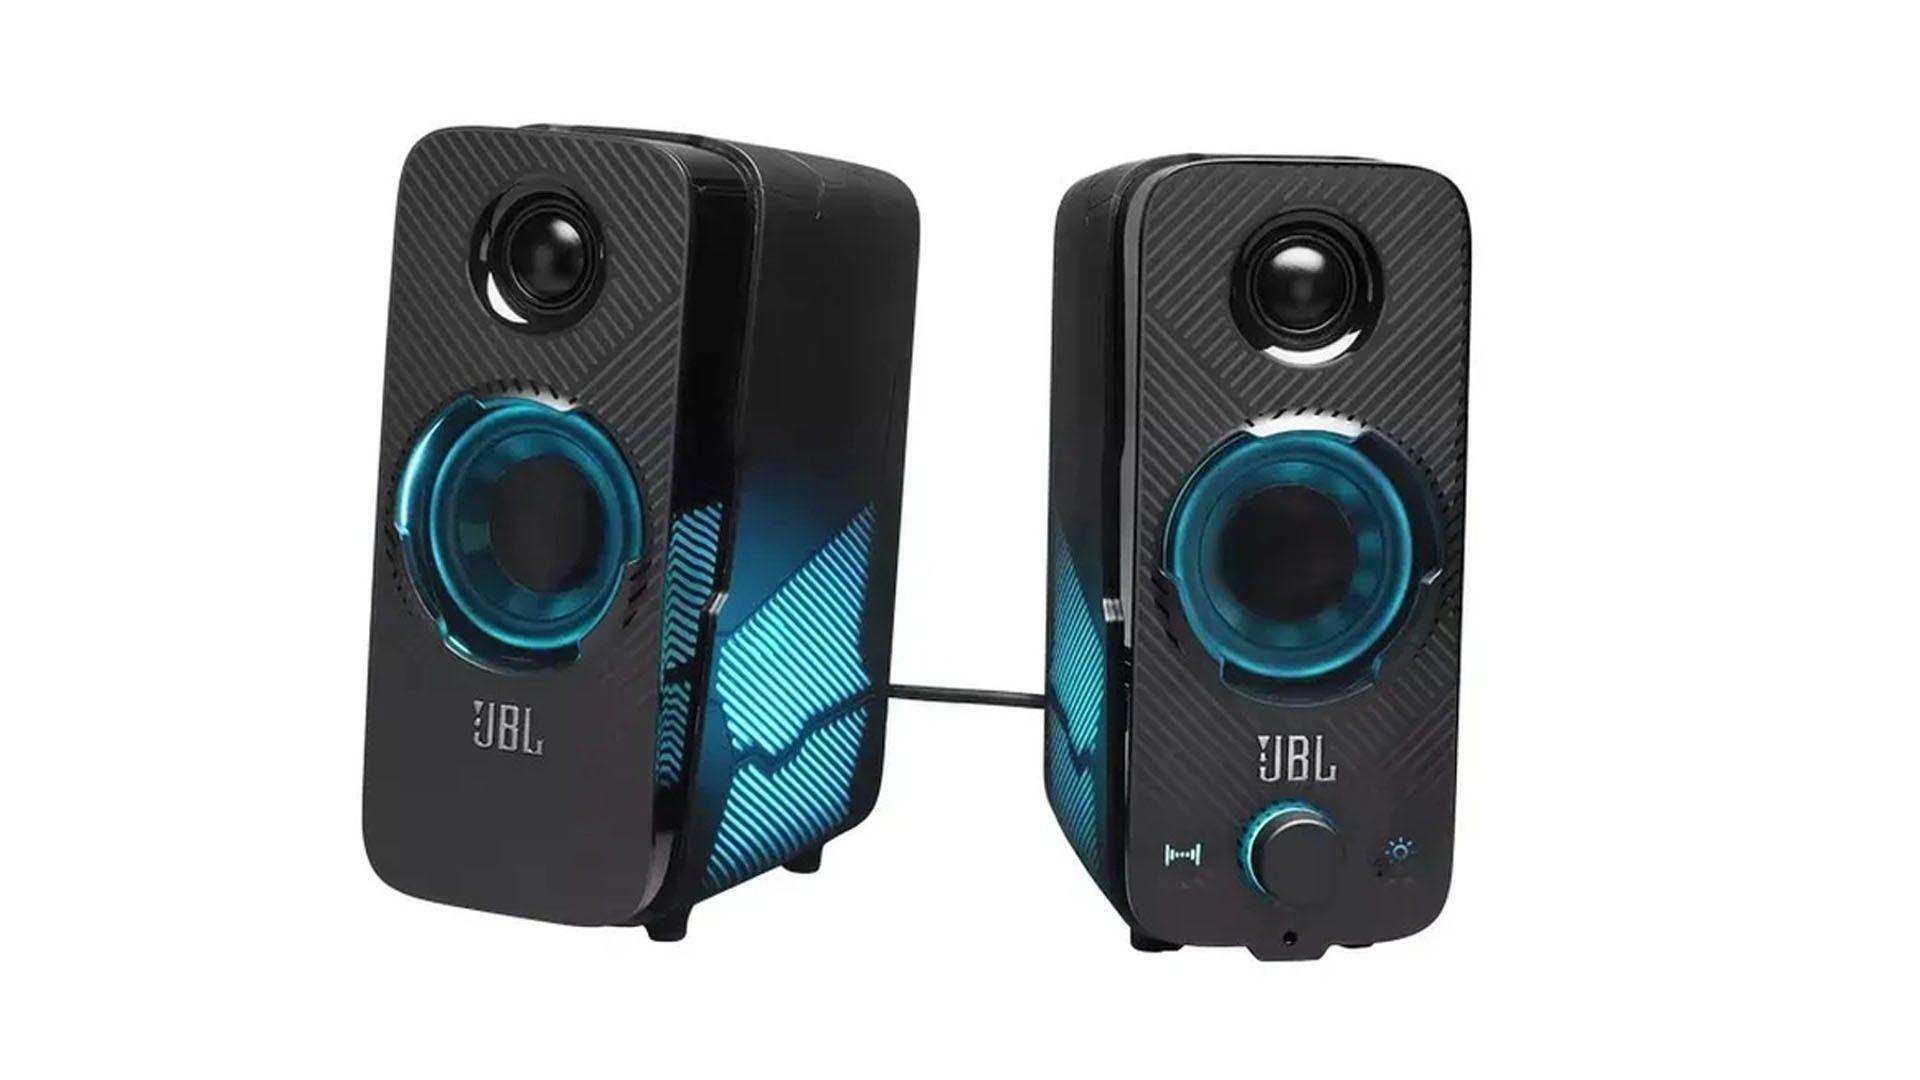 Marca conceituada, a JBL marca presença na nossa lista de caixas de som para PC (Divulgação / JBL)